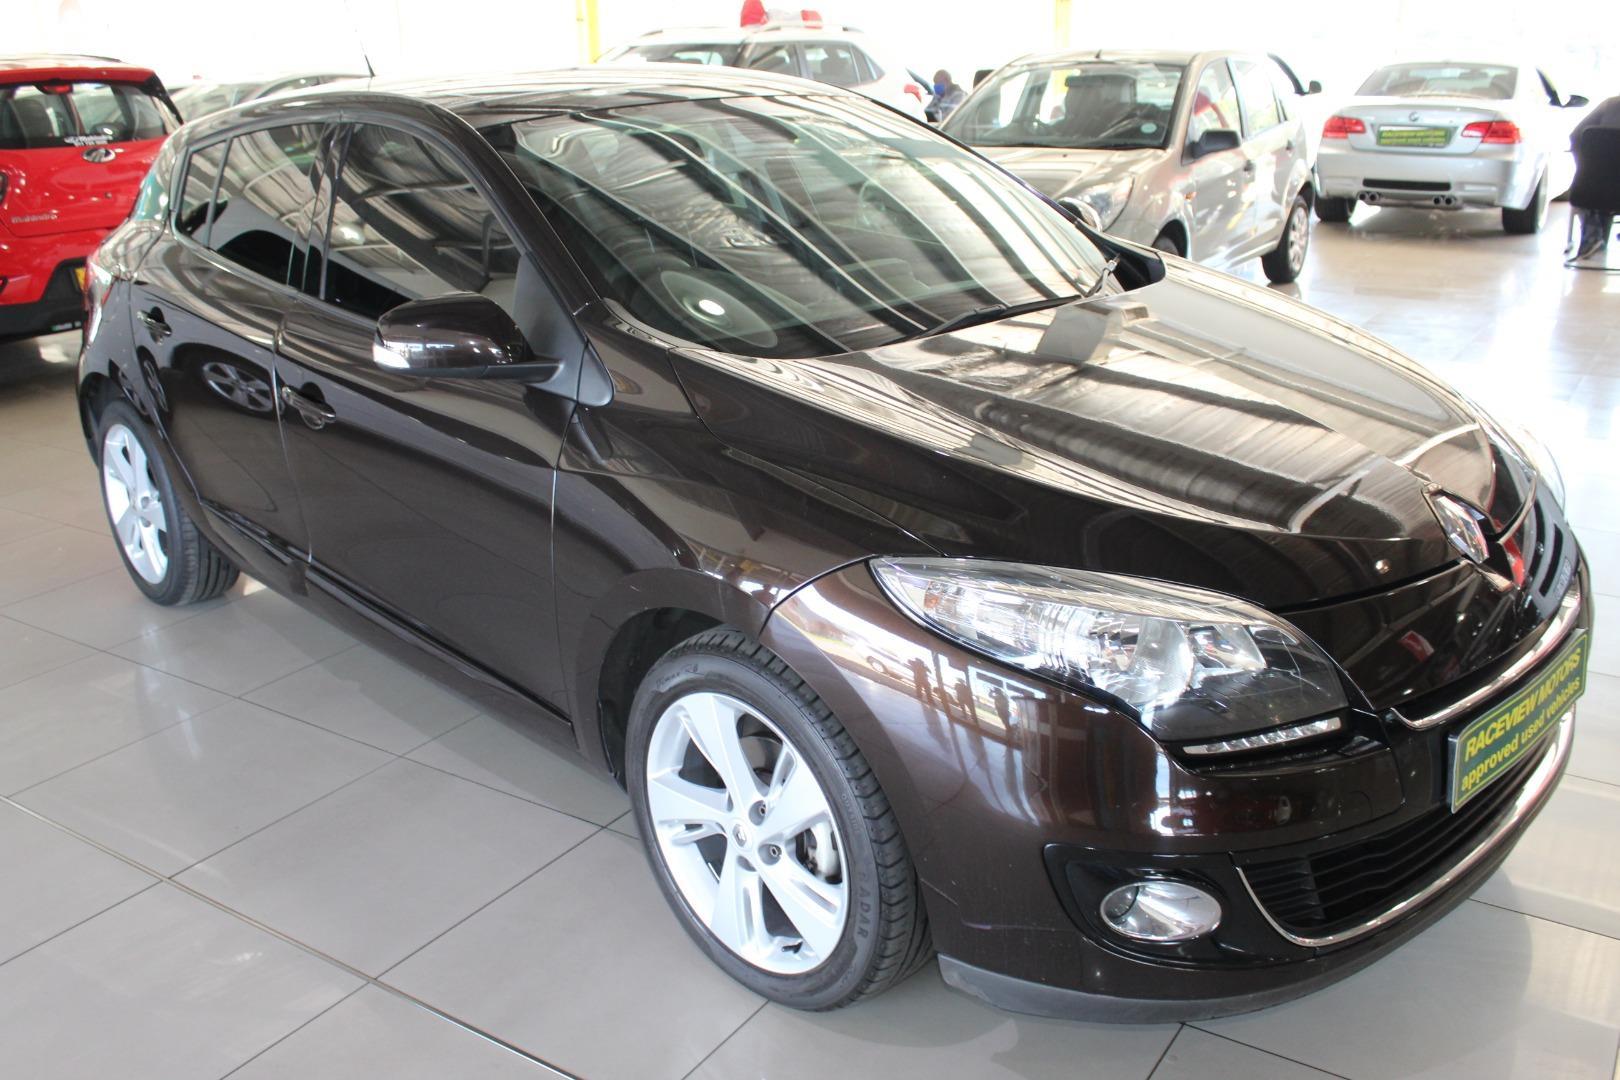 2012 Renault Megane 1.6 Dynamique LTD- Picture 1